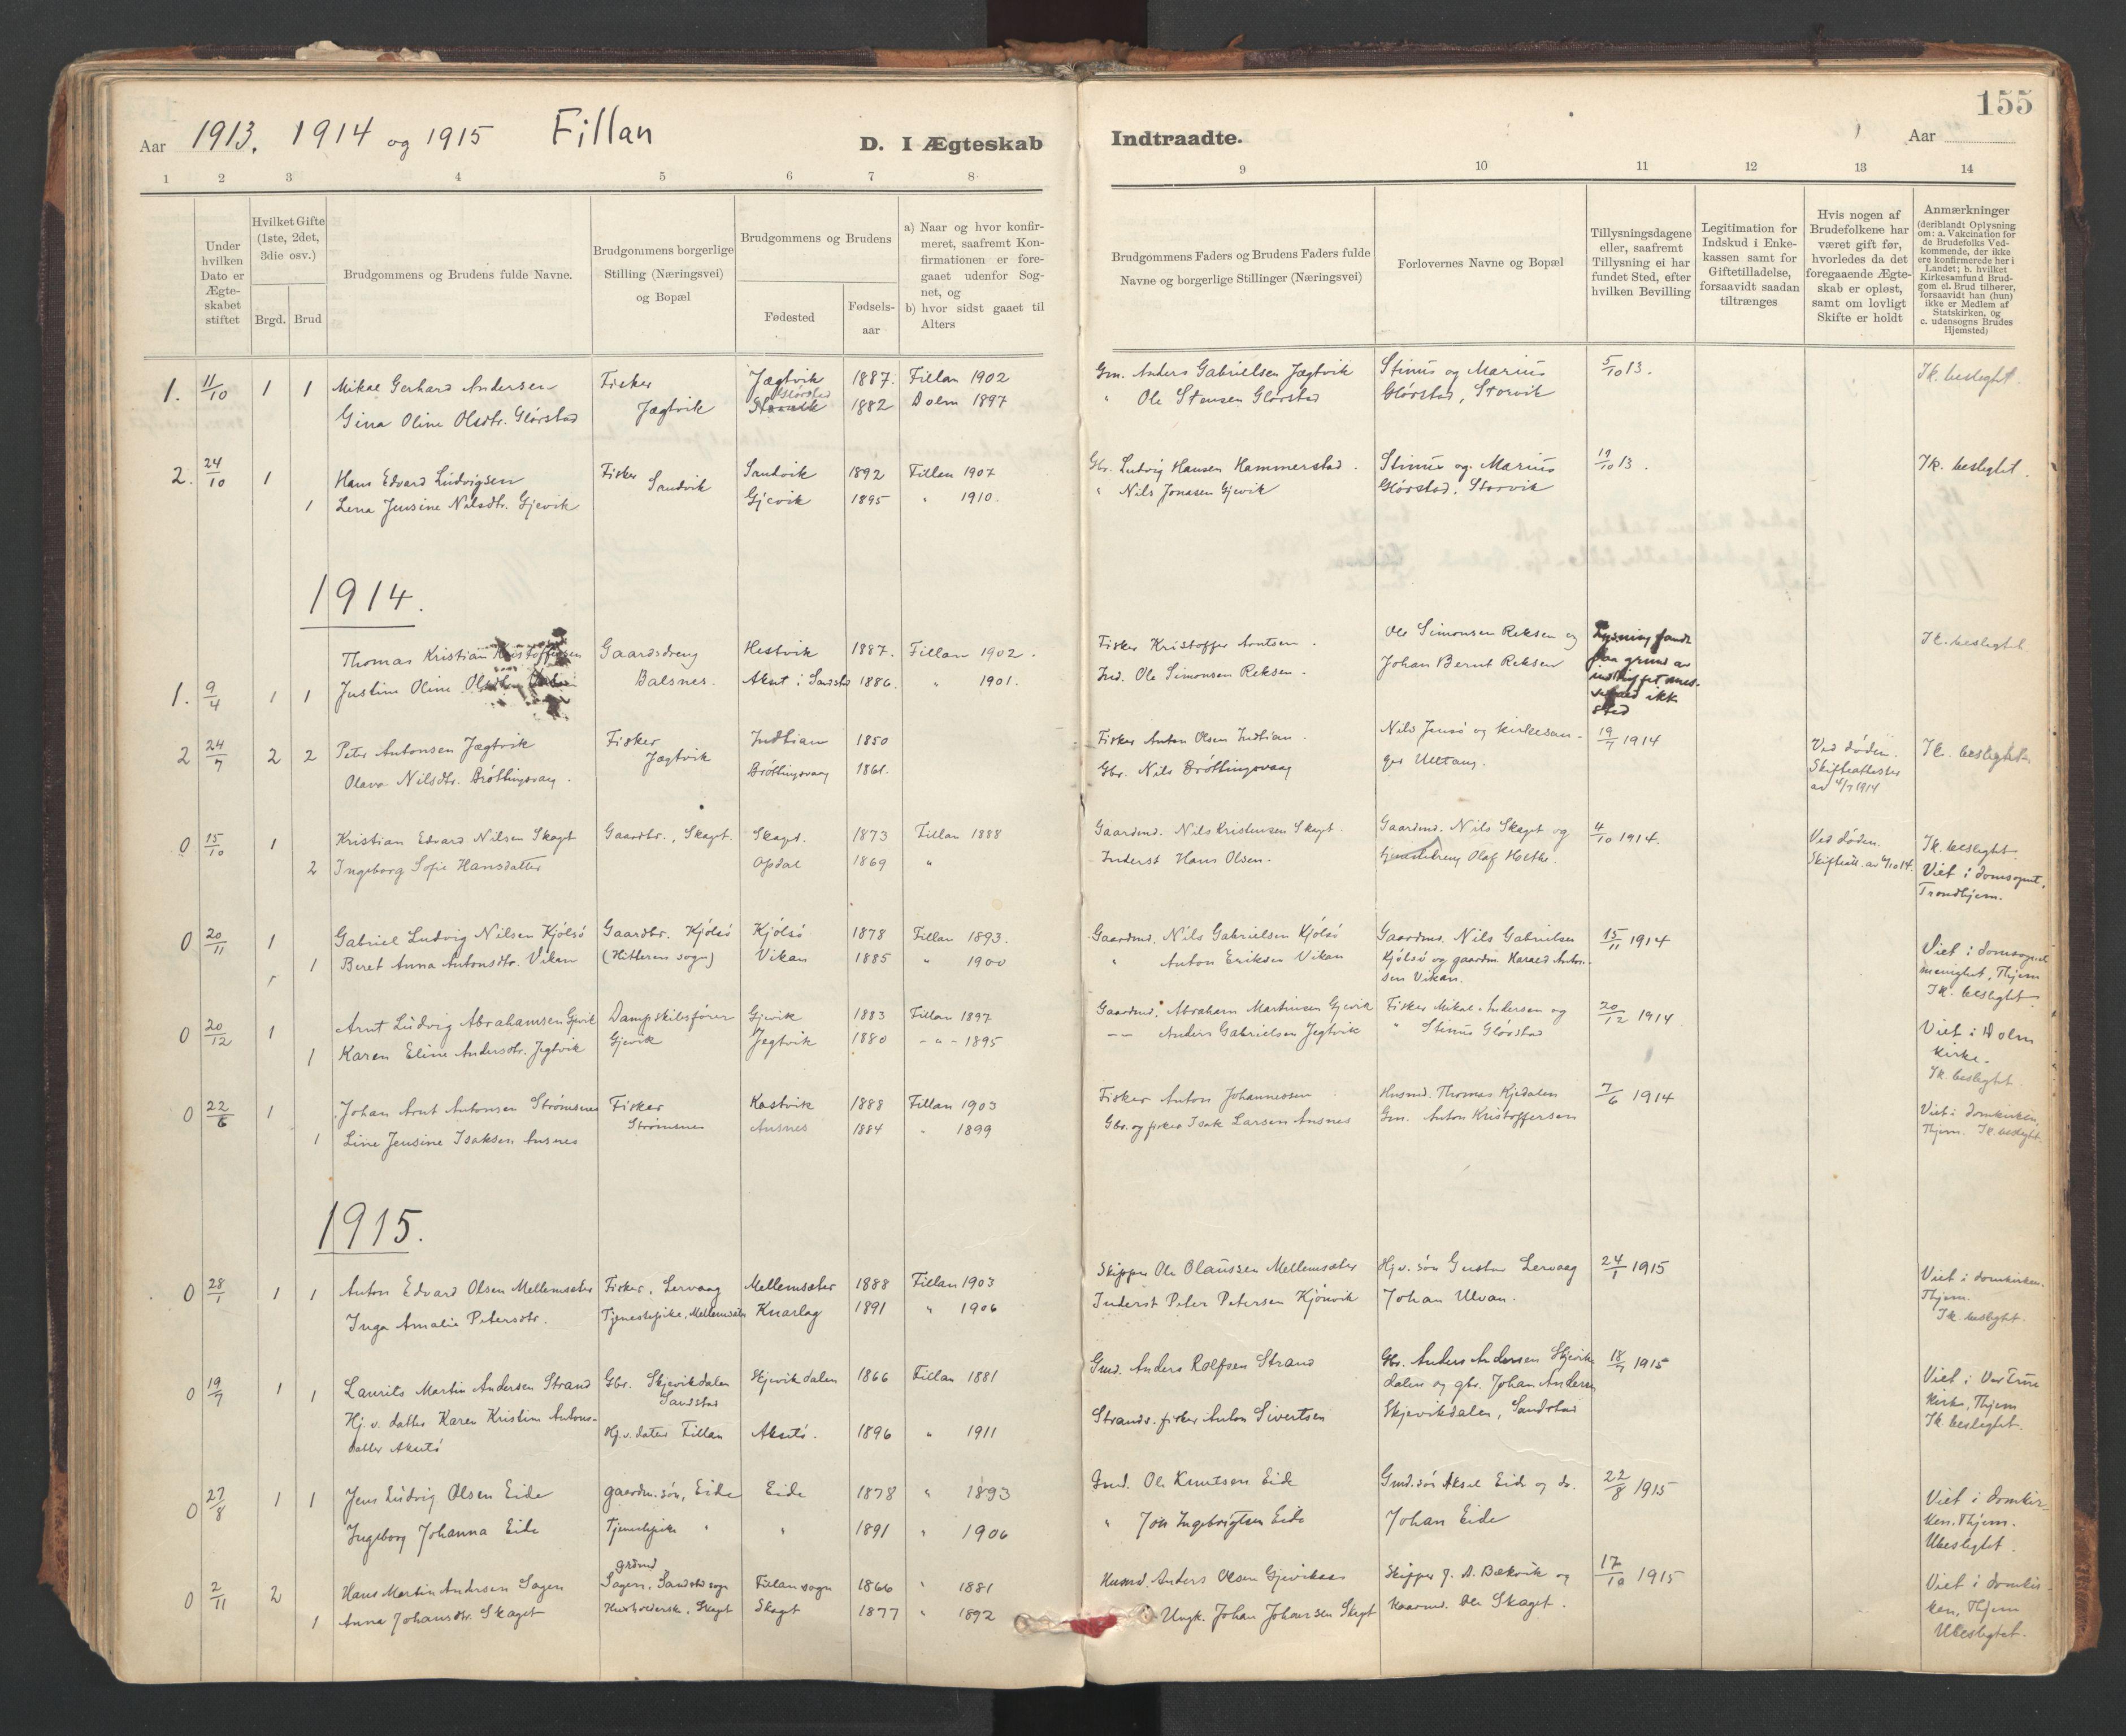 SAT, Ministerialprotokoller, klokkerbøker og fødselsregistre - Sør-Trøndelag, 637/L0559: Ministerialbok nr. 637A02, 1899-1923, s. 155